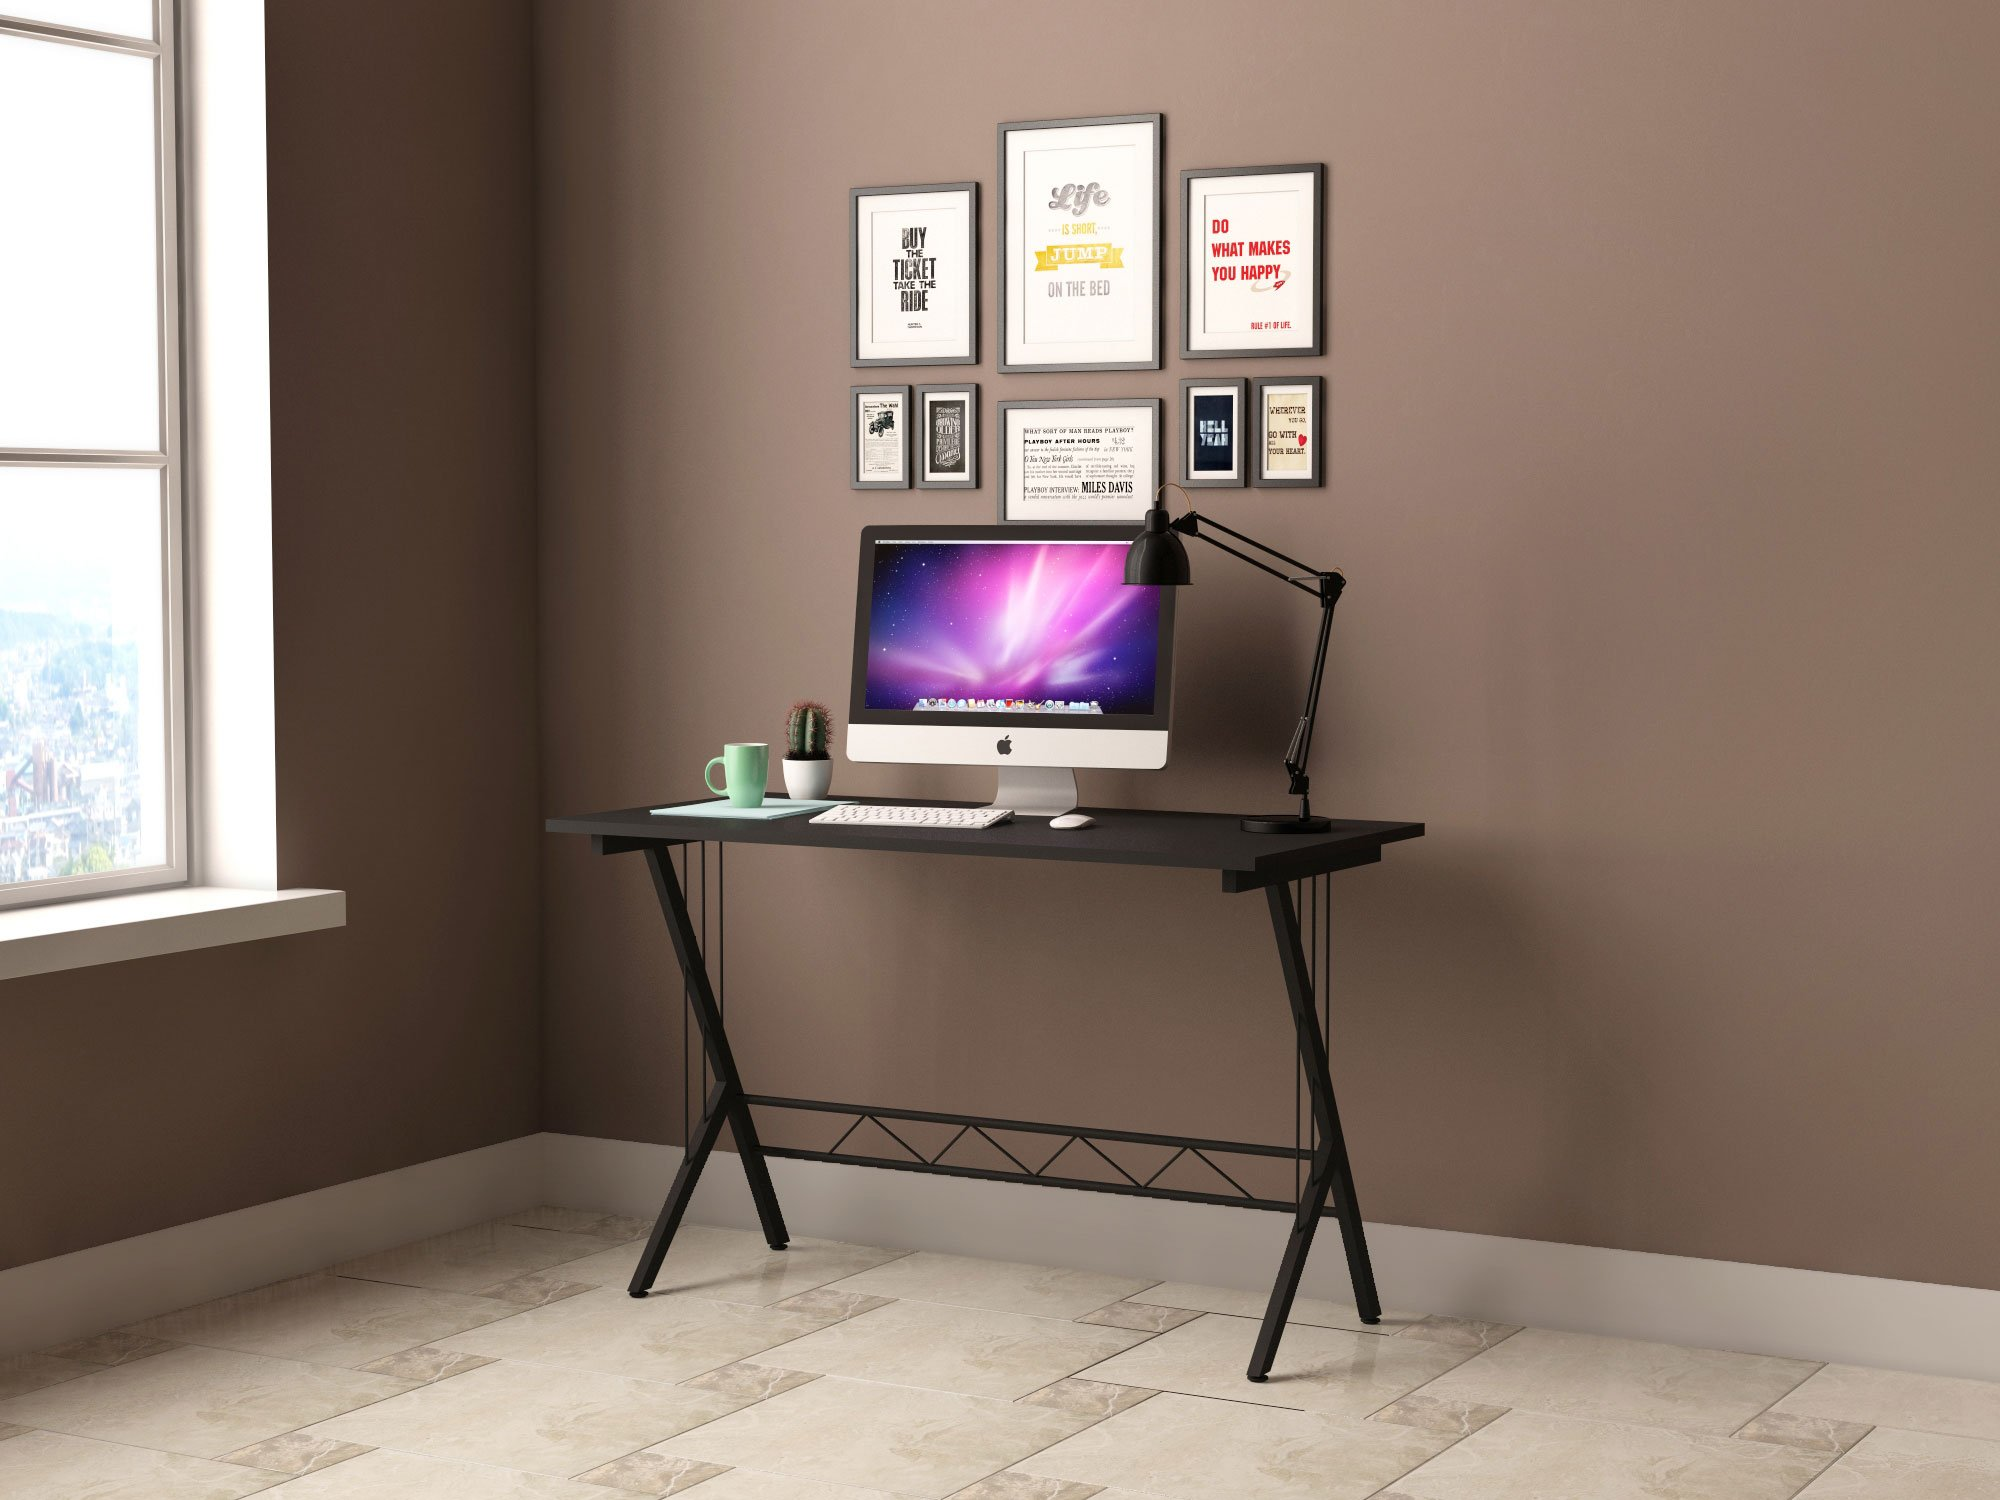 gaming desk table durable workstation for kids room home. Black Bedroom Furniture Sets. Home Design Ideas